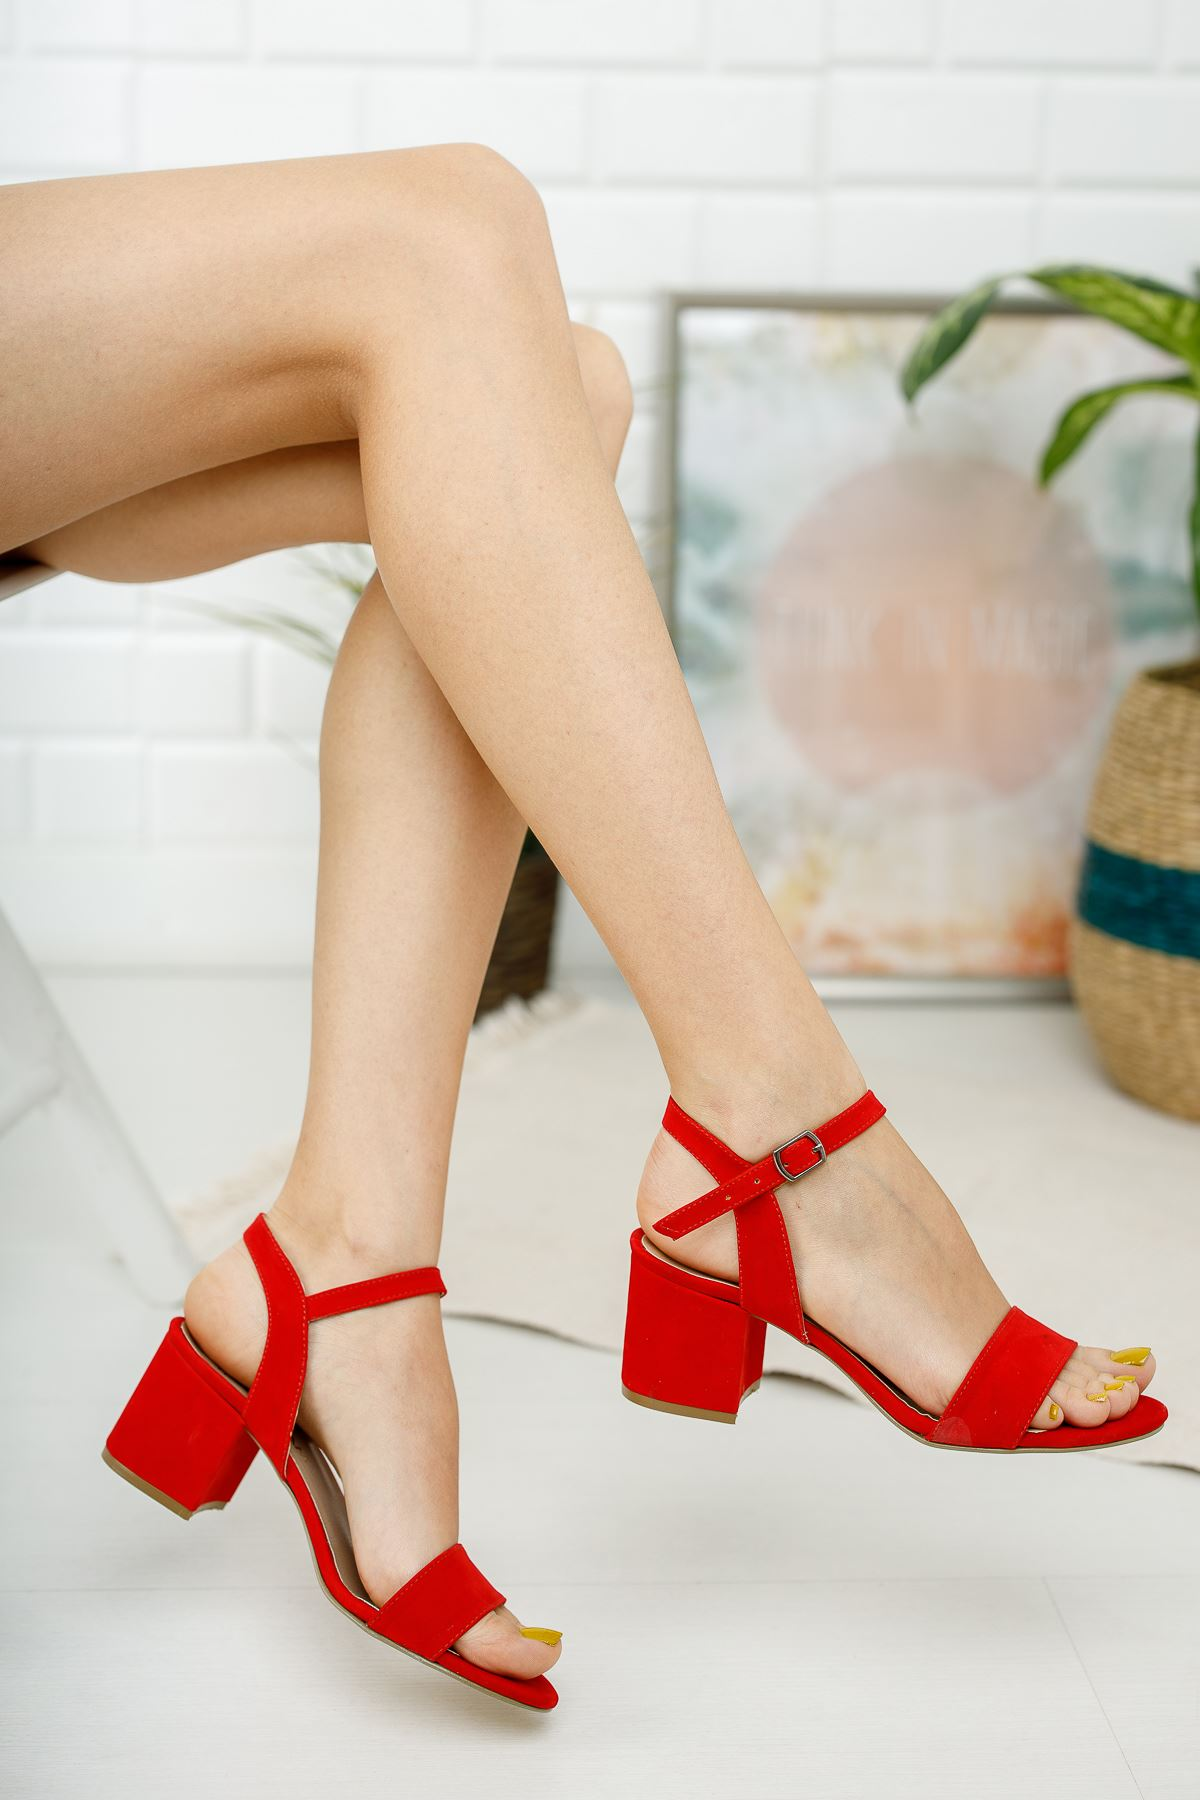 Kadın Lines Kısa Topuklu Kemerli  Kırmızı Süet Ayakkabı